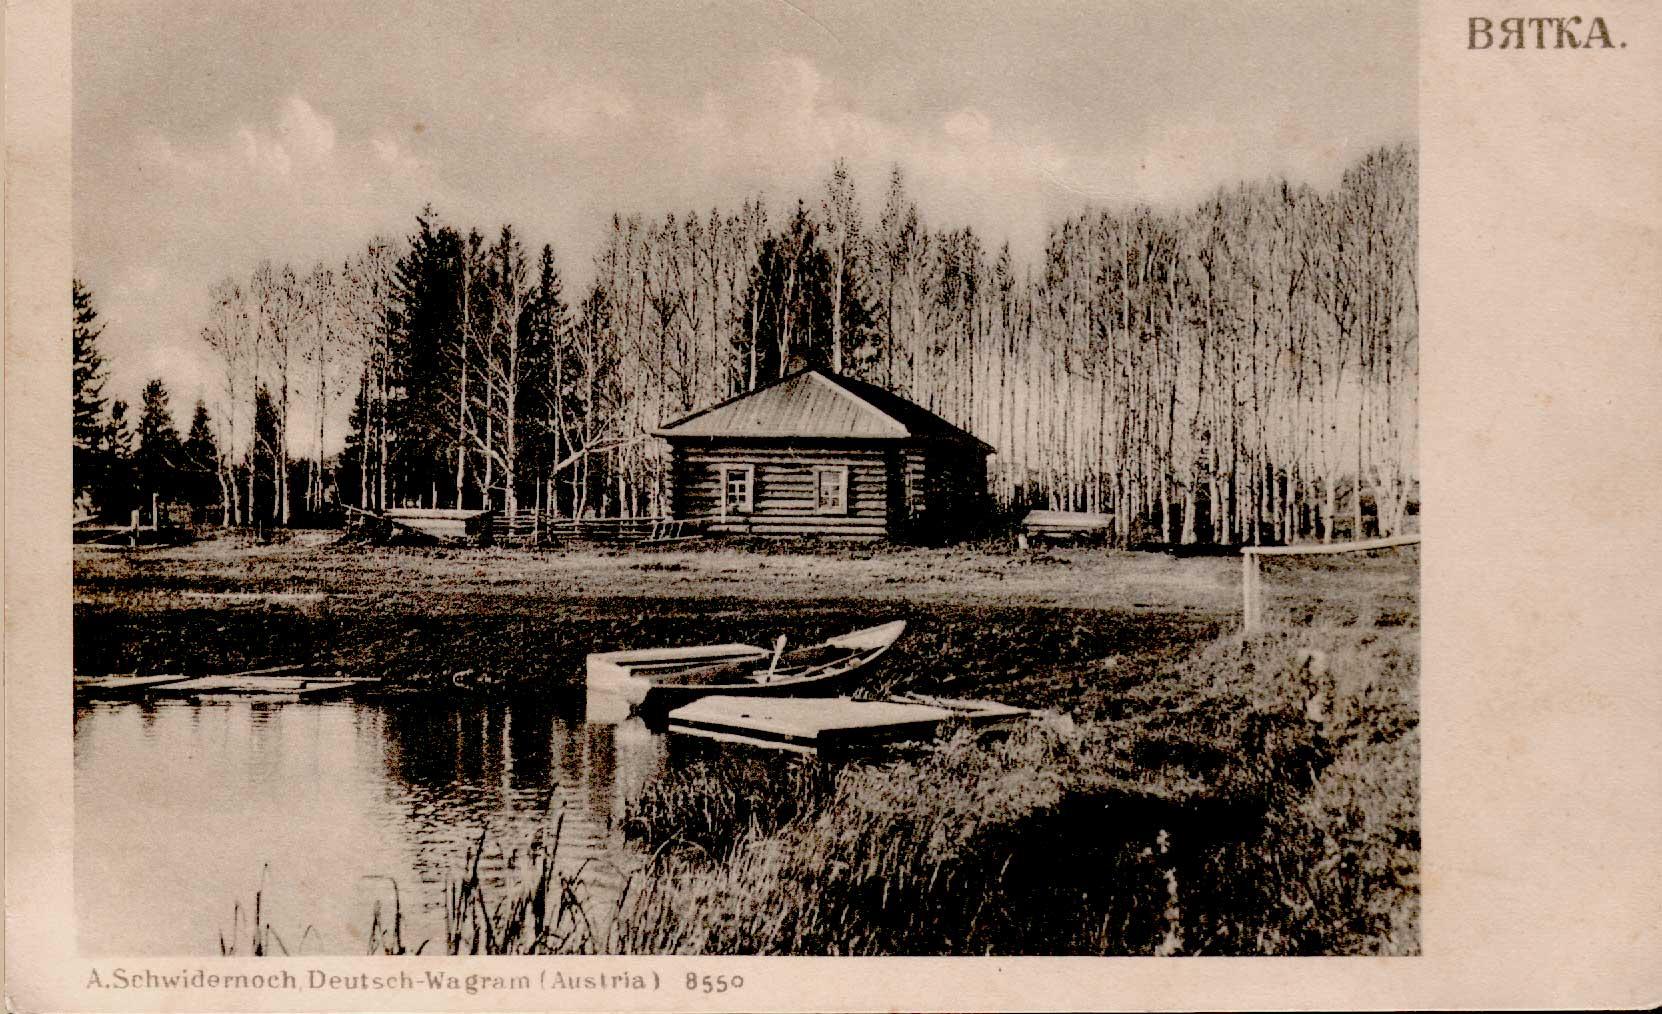 Окрестности Вятки. Деревянный дом